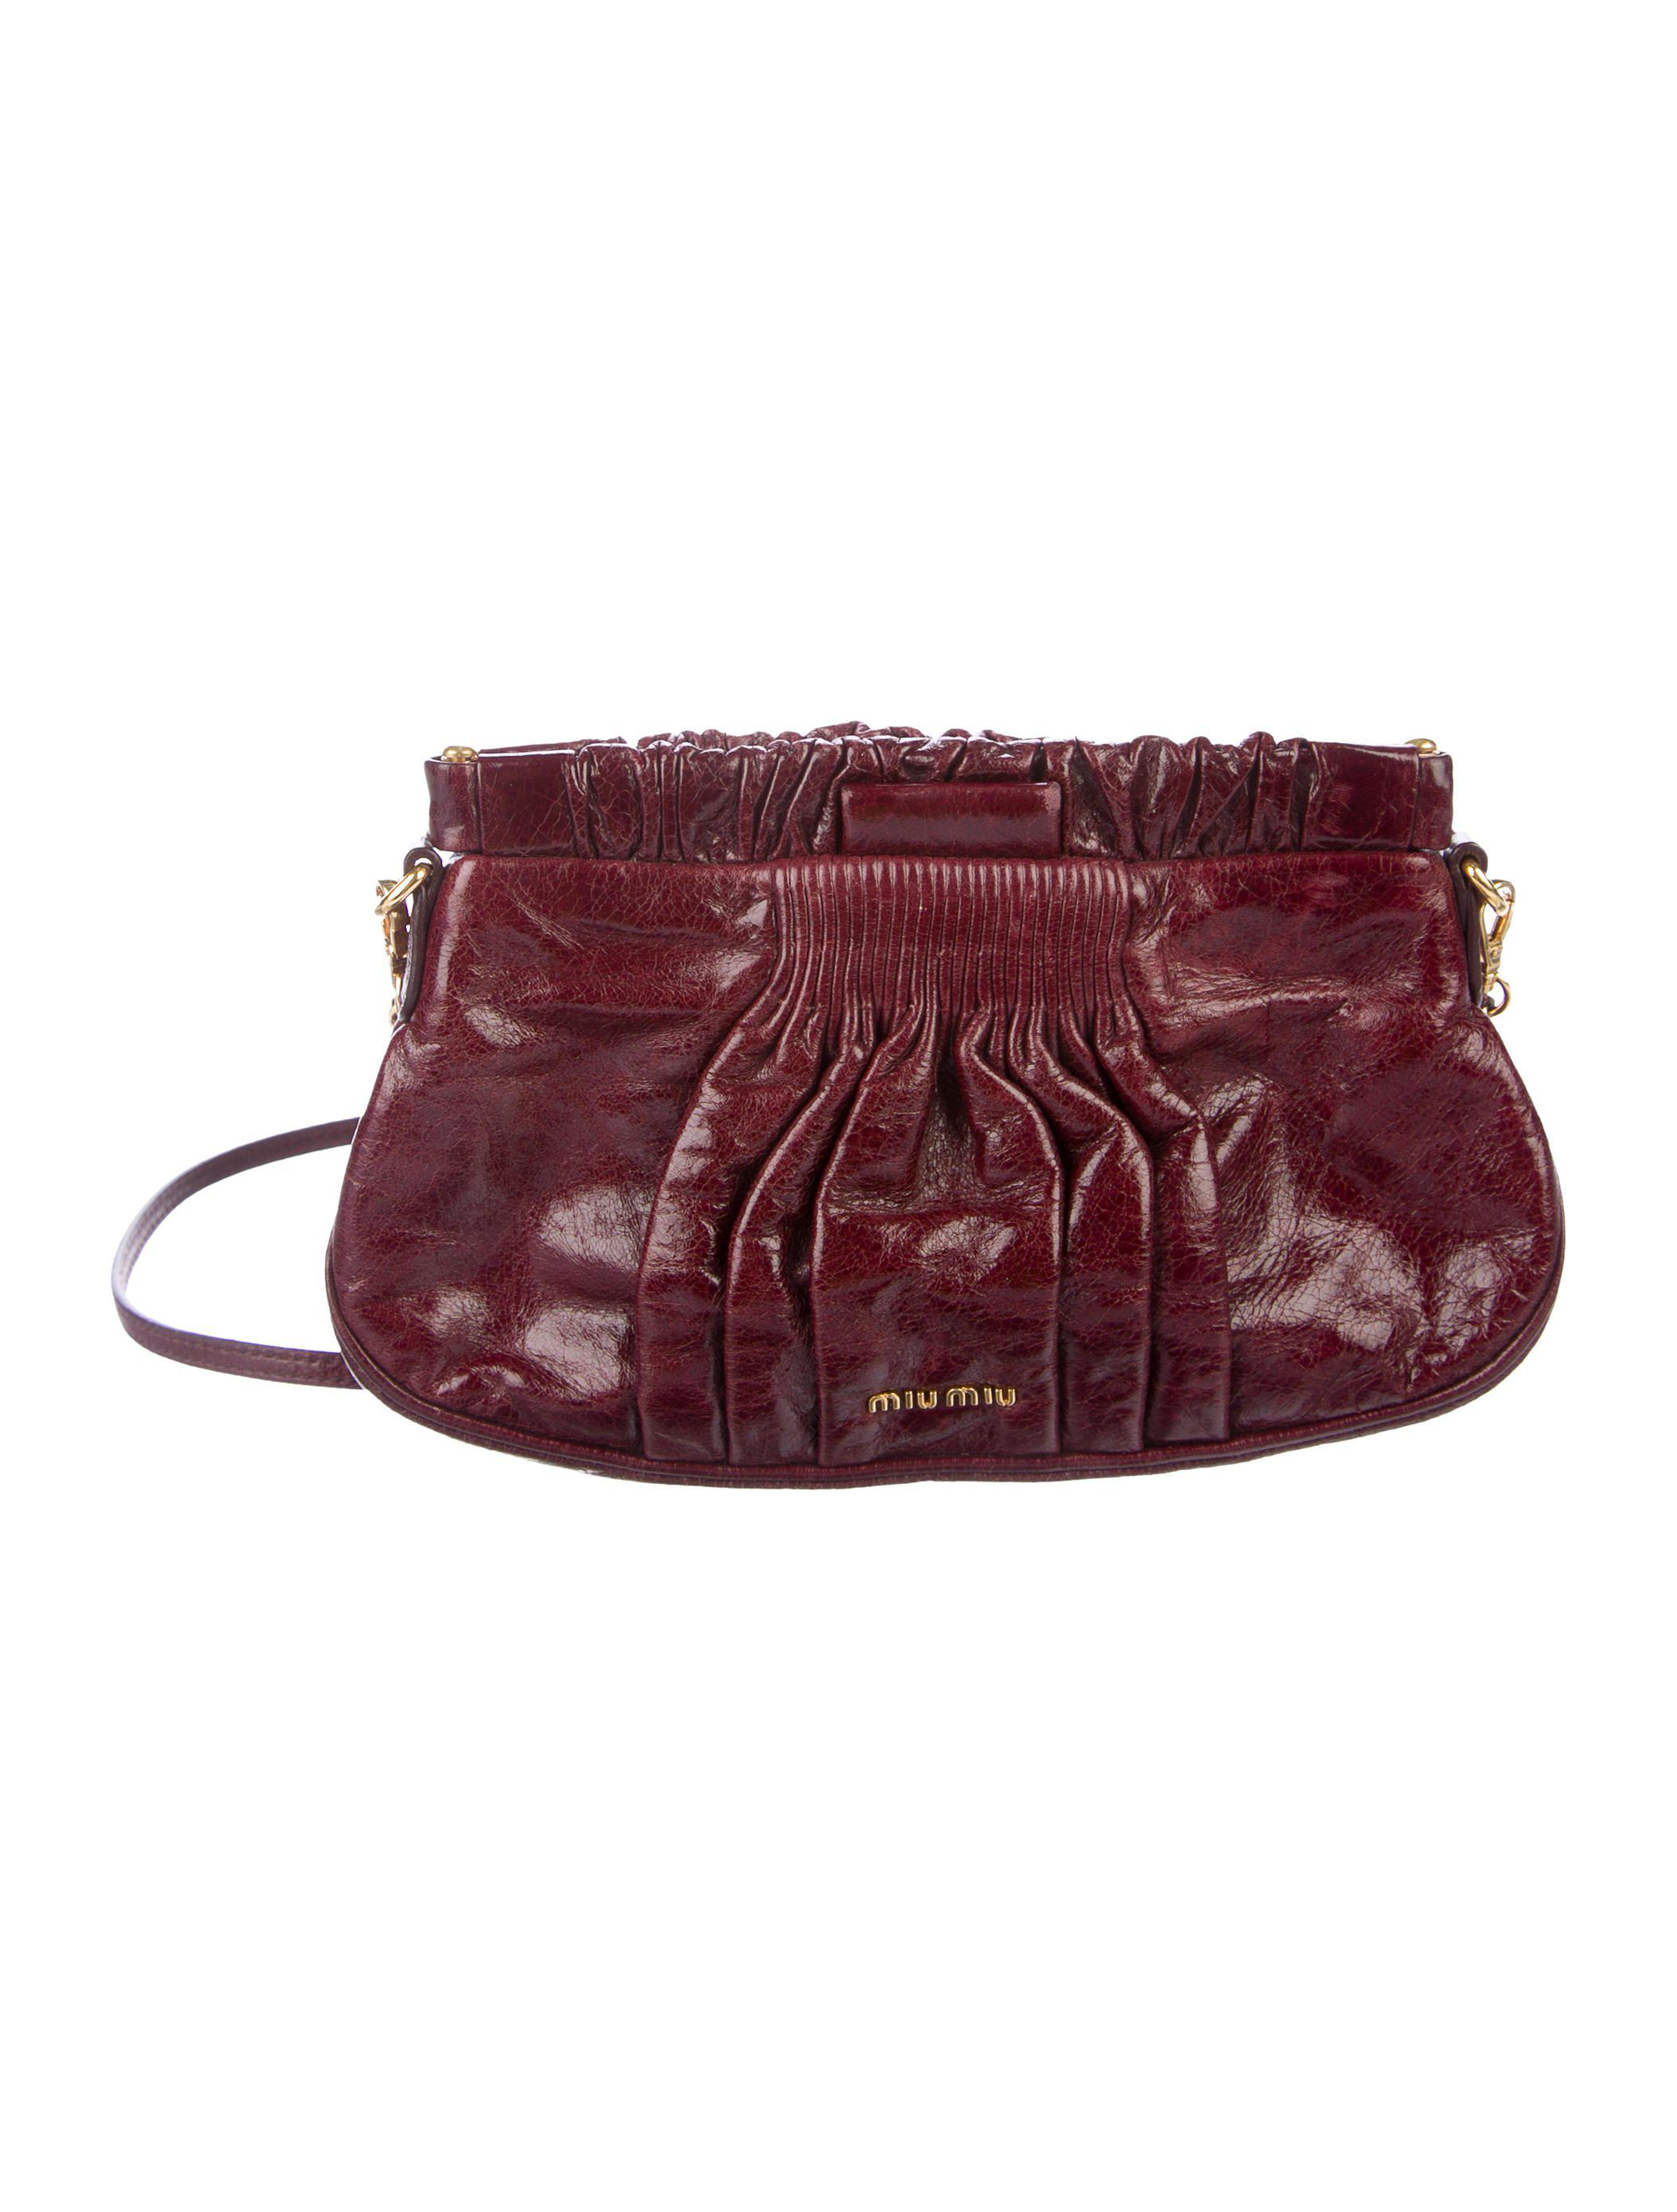 345515797 Gallery. Previously sold at: The RealReal · Women's Miu Miu Shoulder Bag